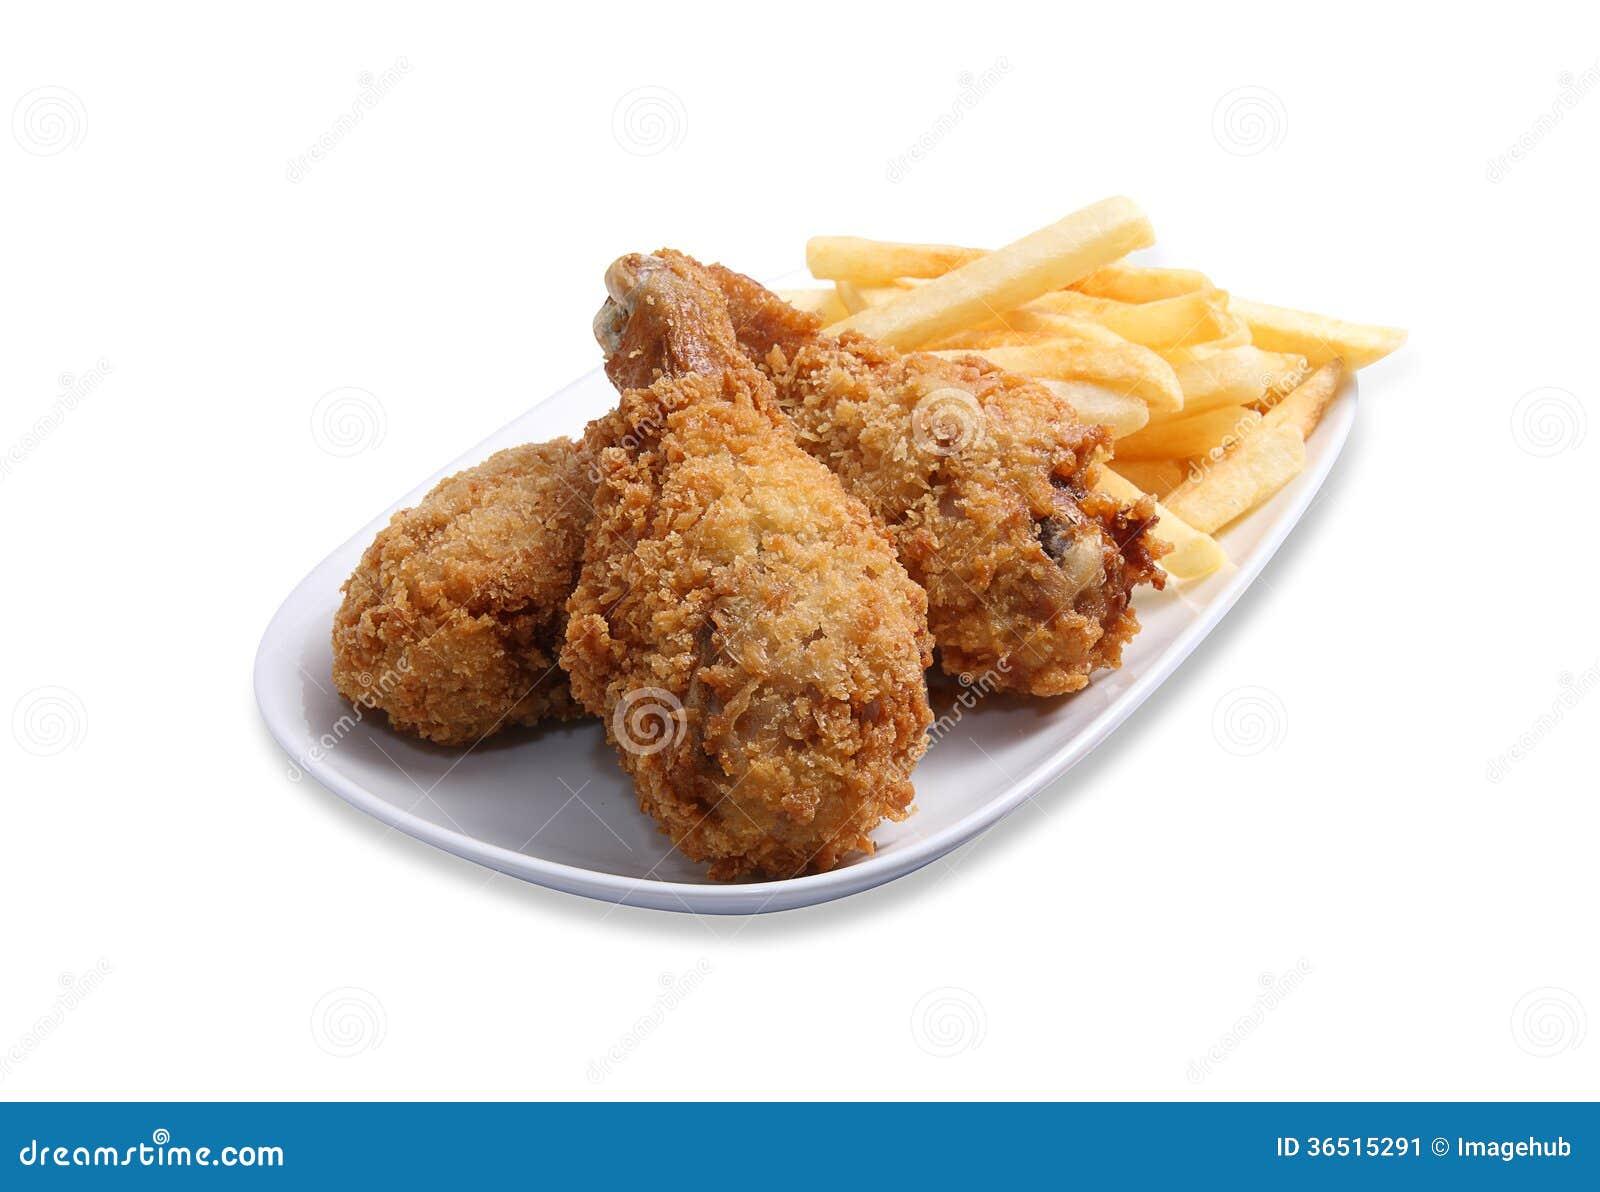 Jambe de poulet frit avec des pommes chips